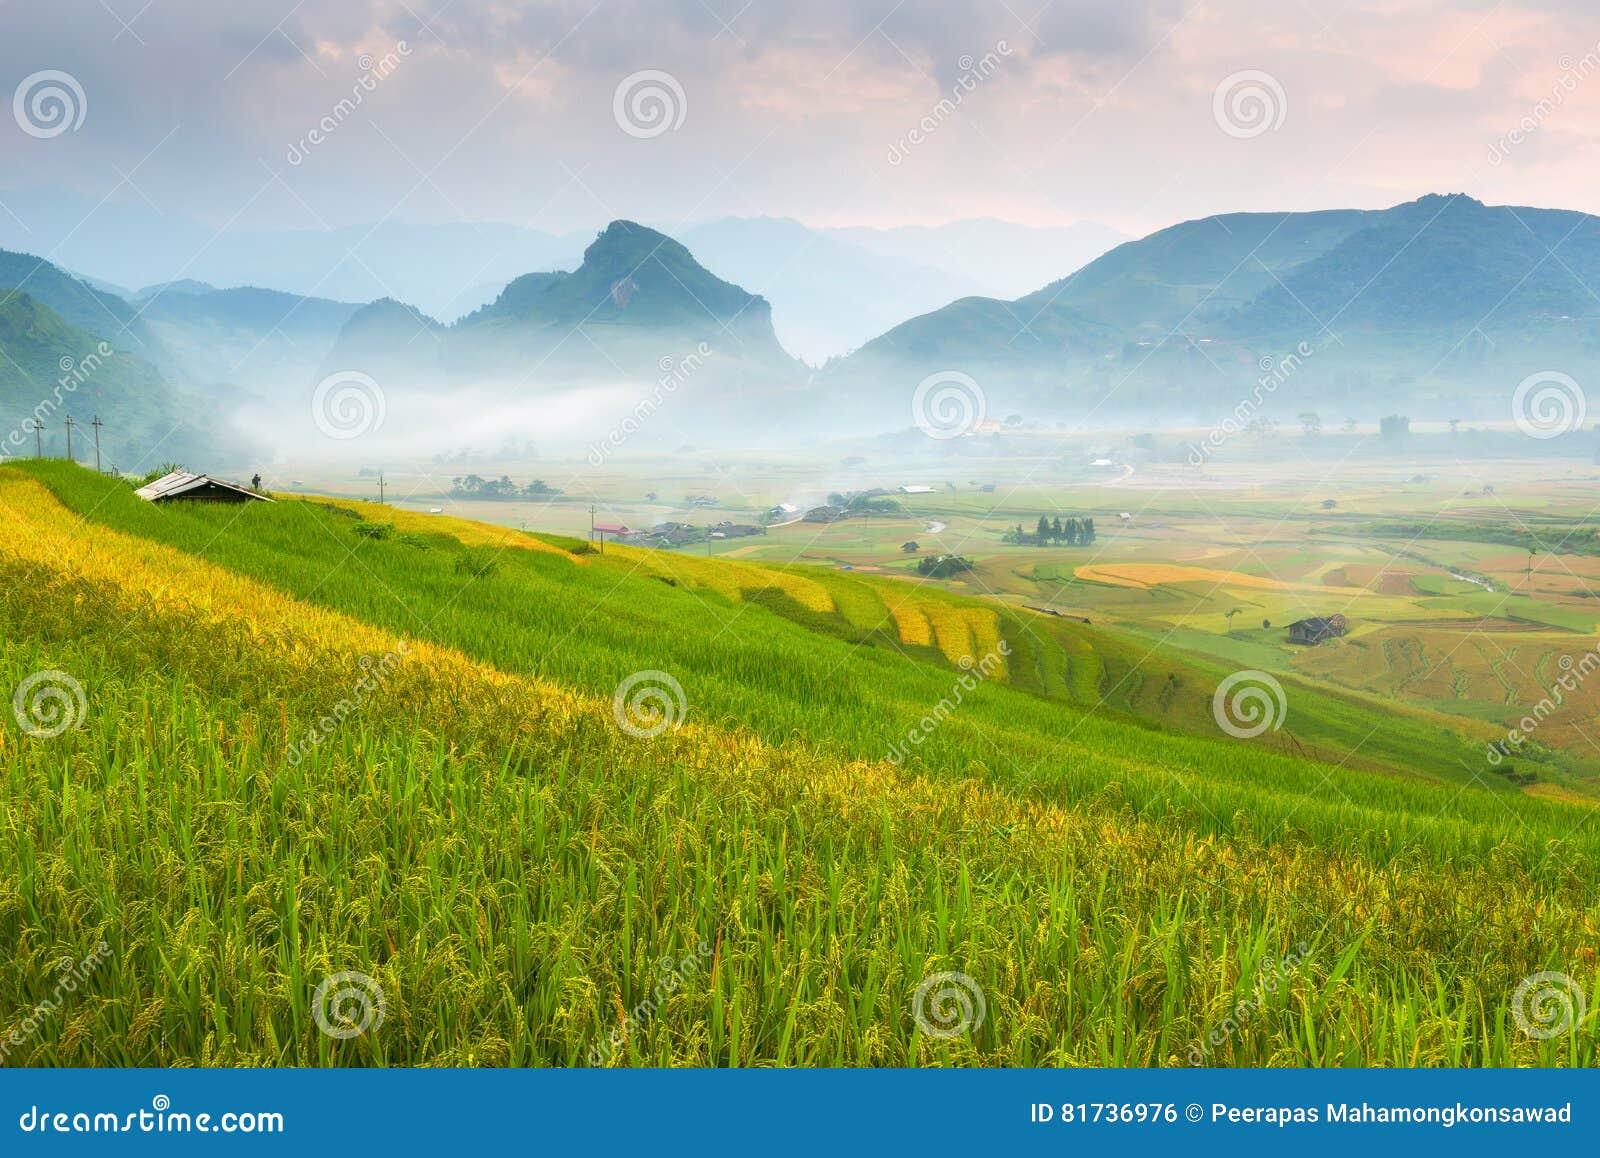 Гора и природа в террасе риса ландшафта Вьетнама